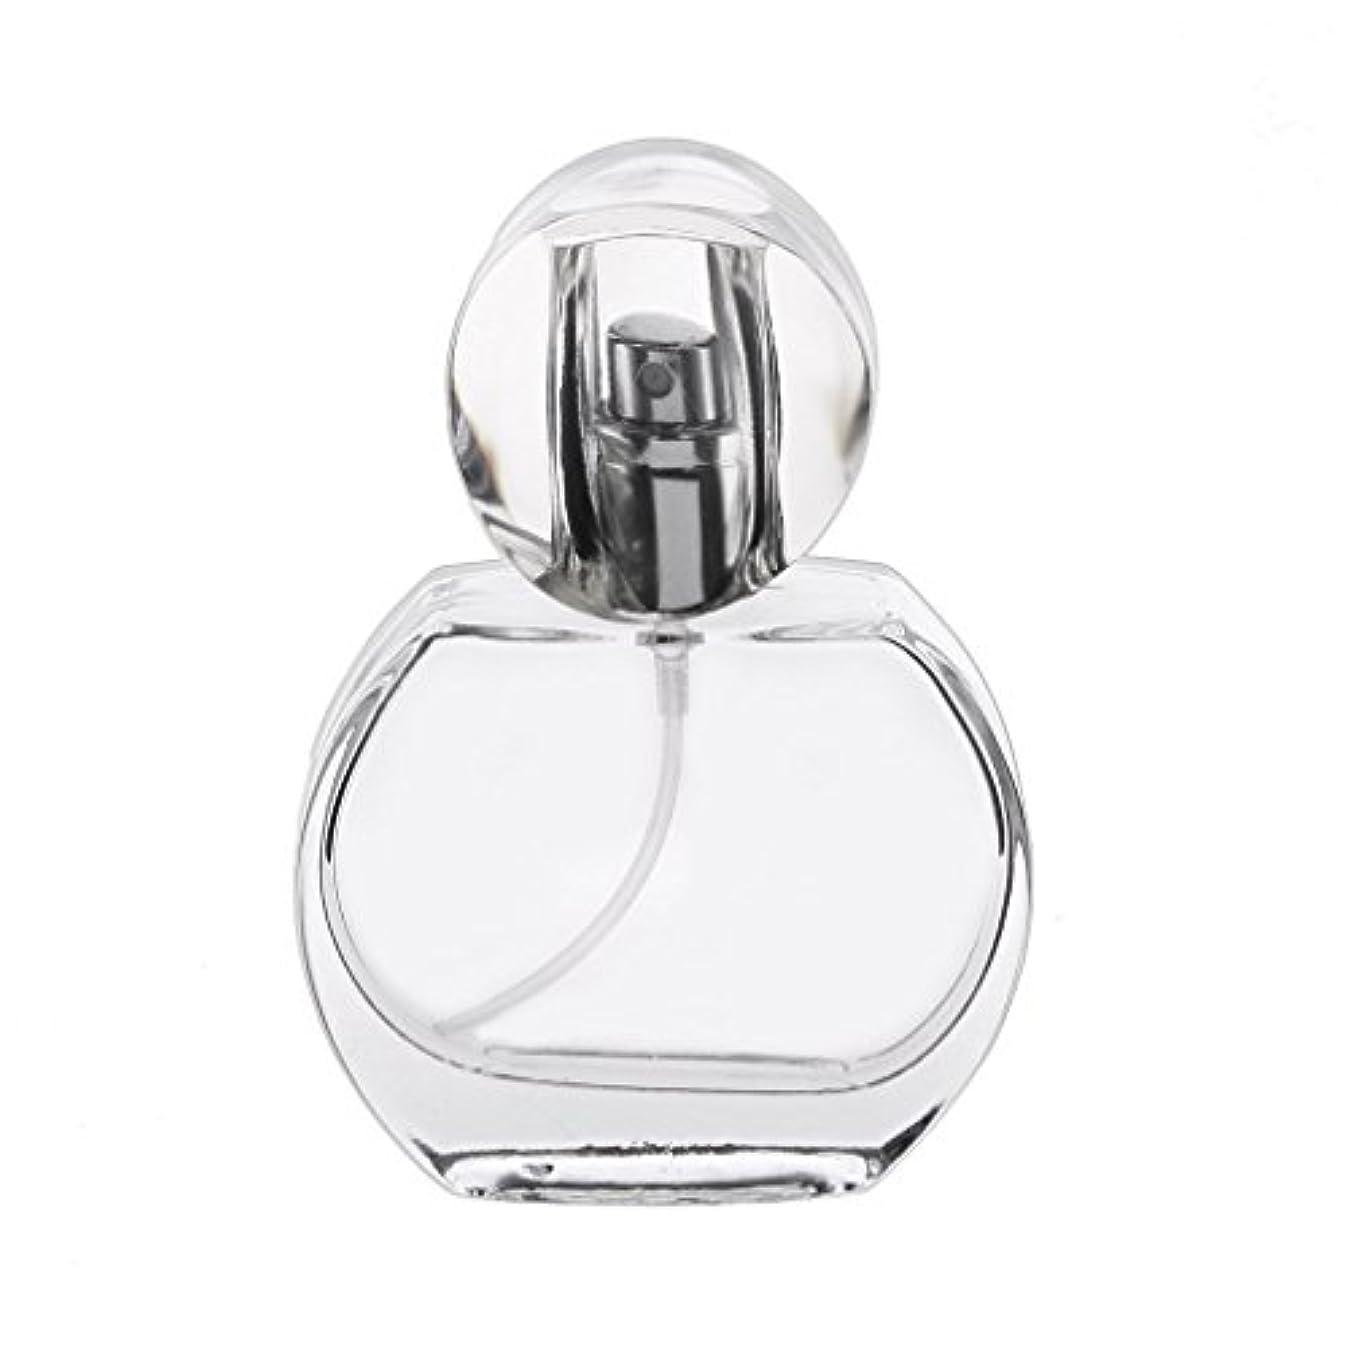 まぶしさヘアふさわしい30ml クリスタル エンプティ 空 香水瓶 スプレーボトル アトマイザー 詰め替え 携帯便利